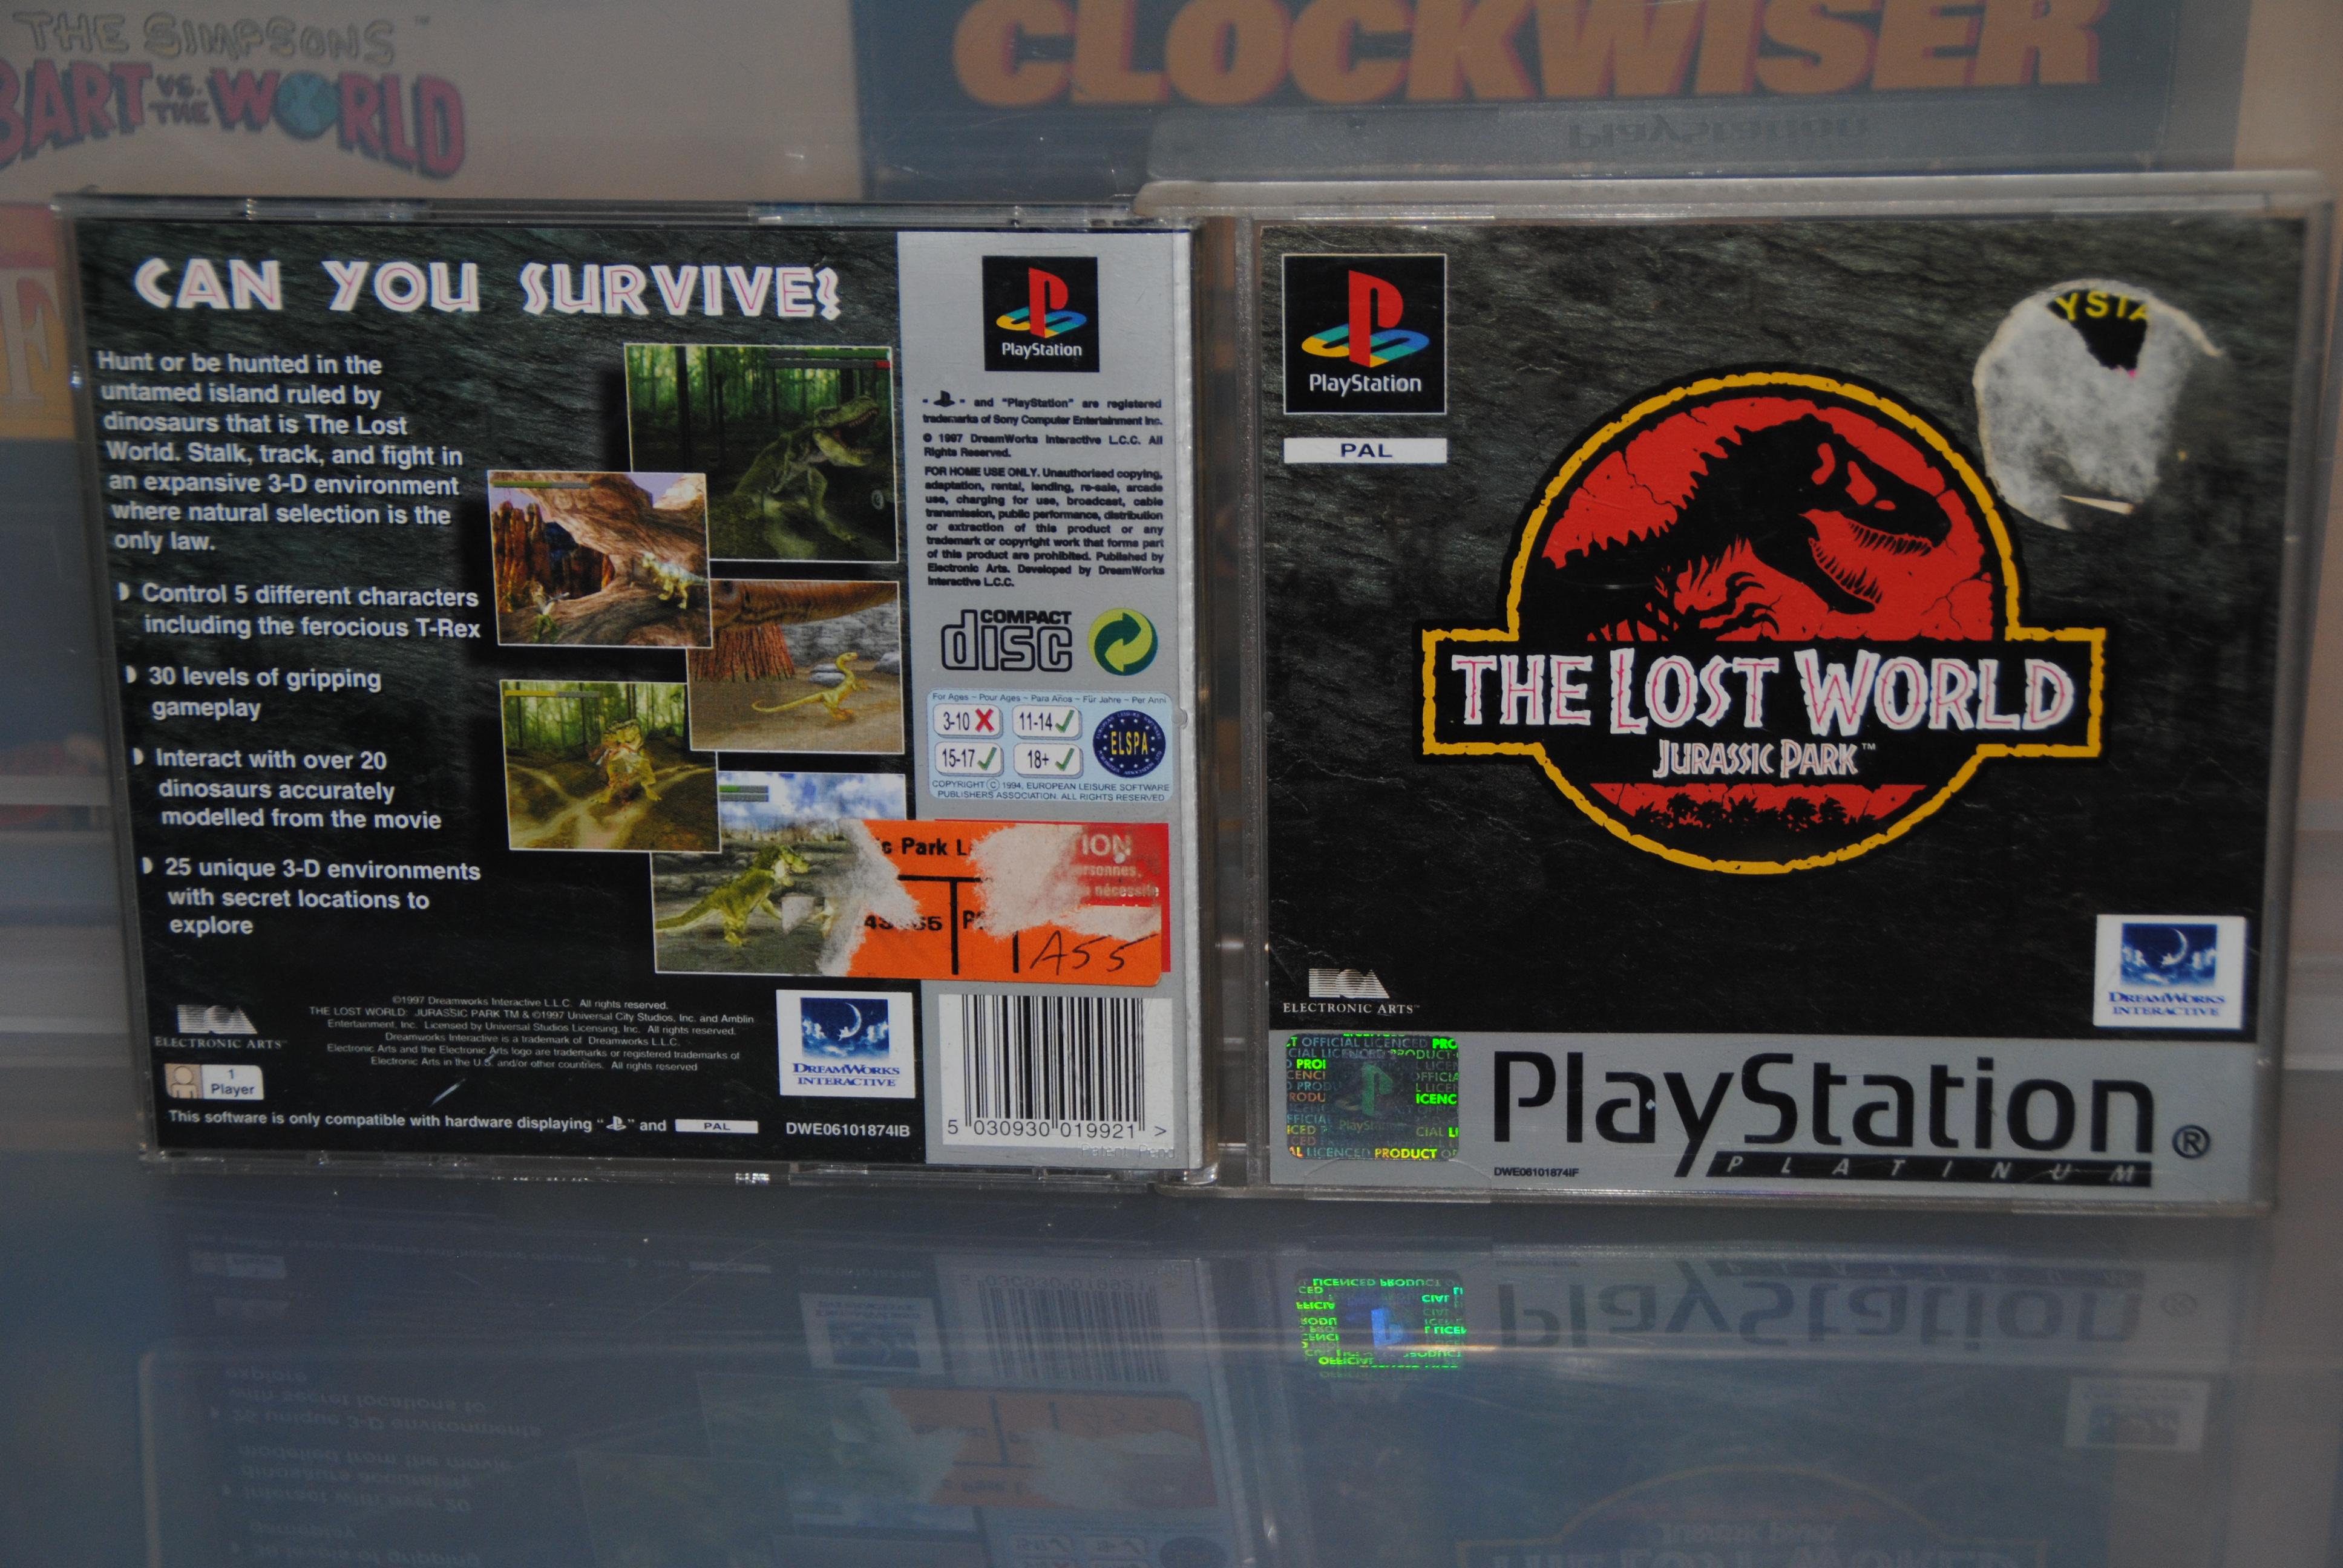 Jurassic Park - The Lost World - E.A